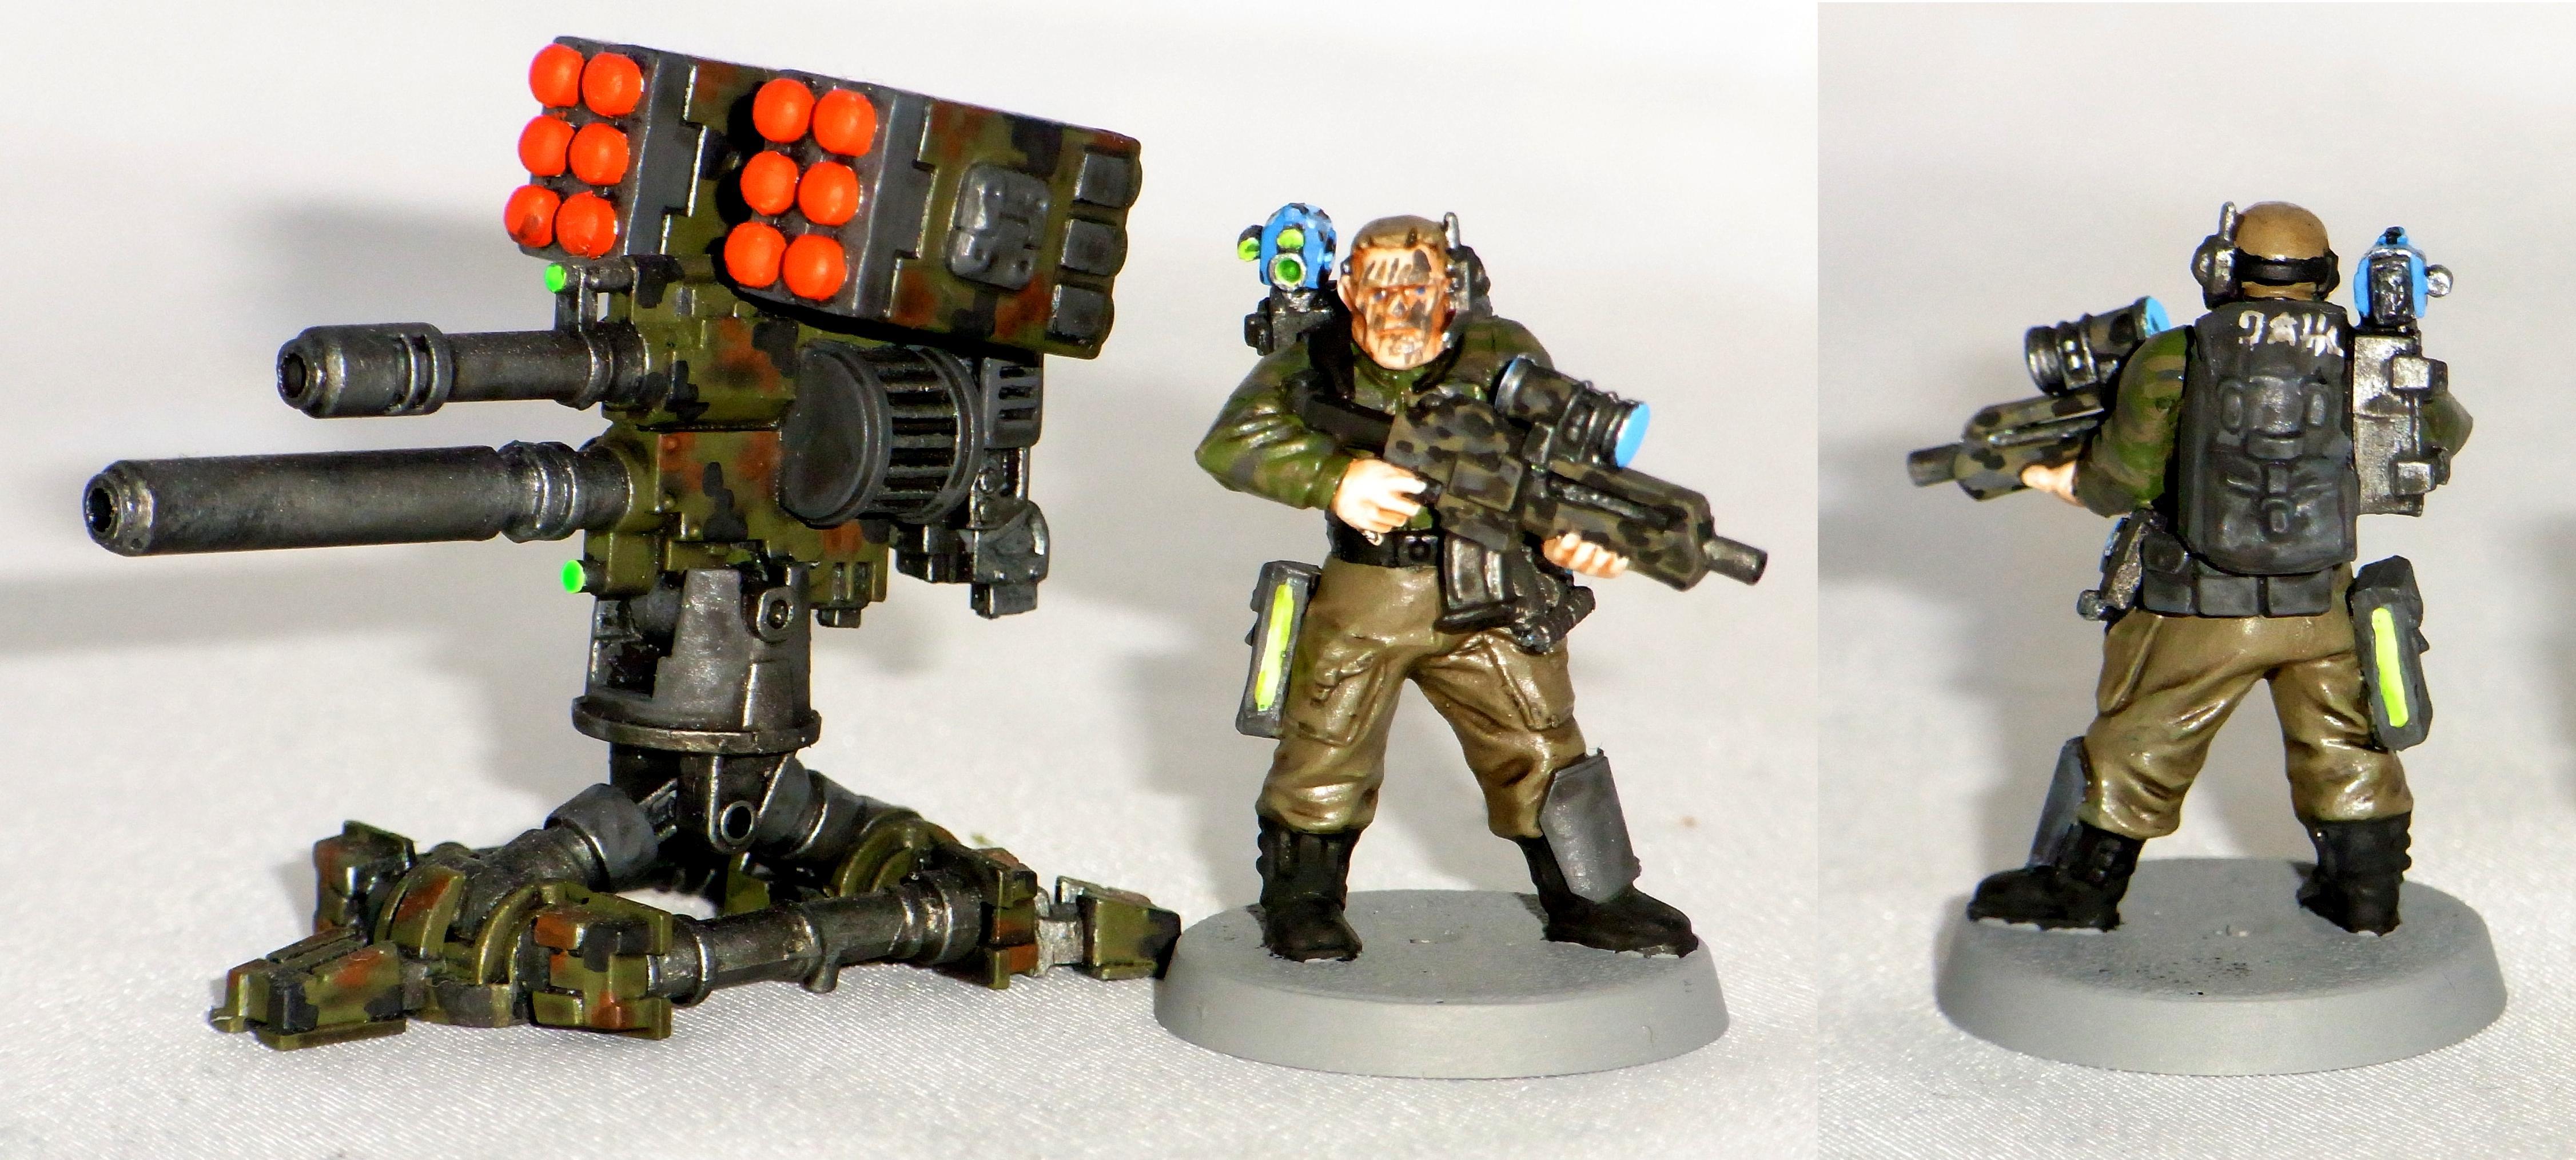 2, Axon, Boderlands, Commando, Game, Korbenn, Saber, Turret, Video, Videogame